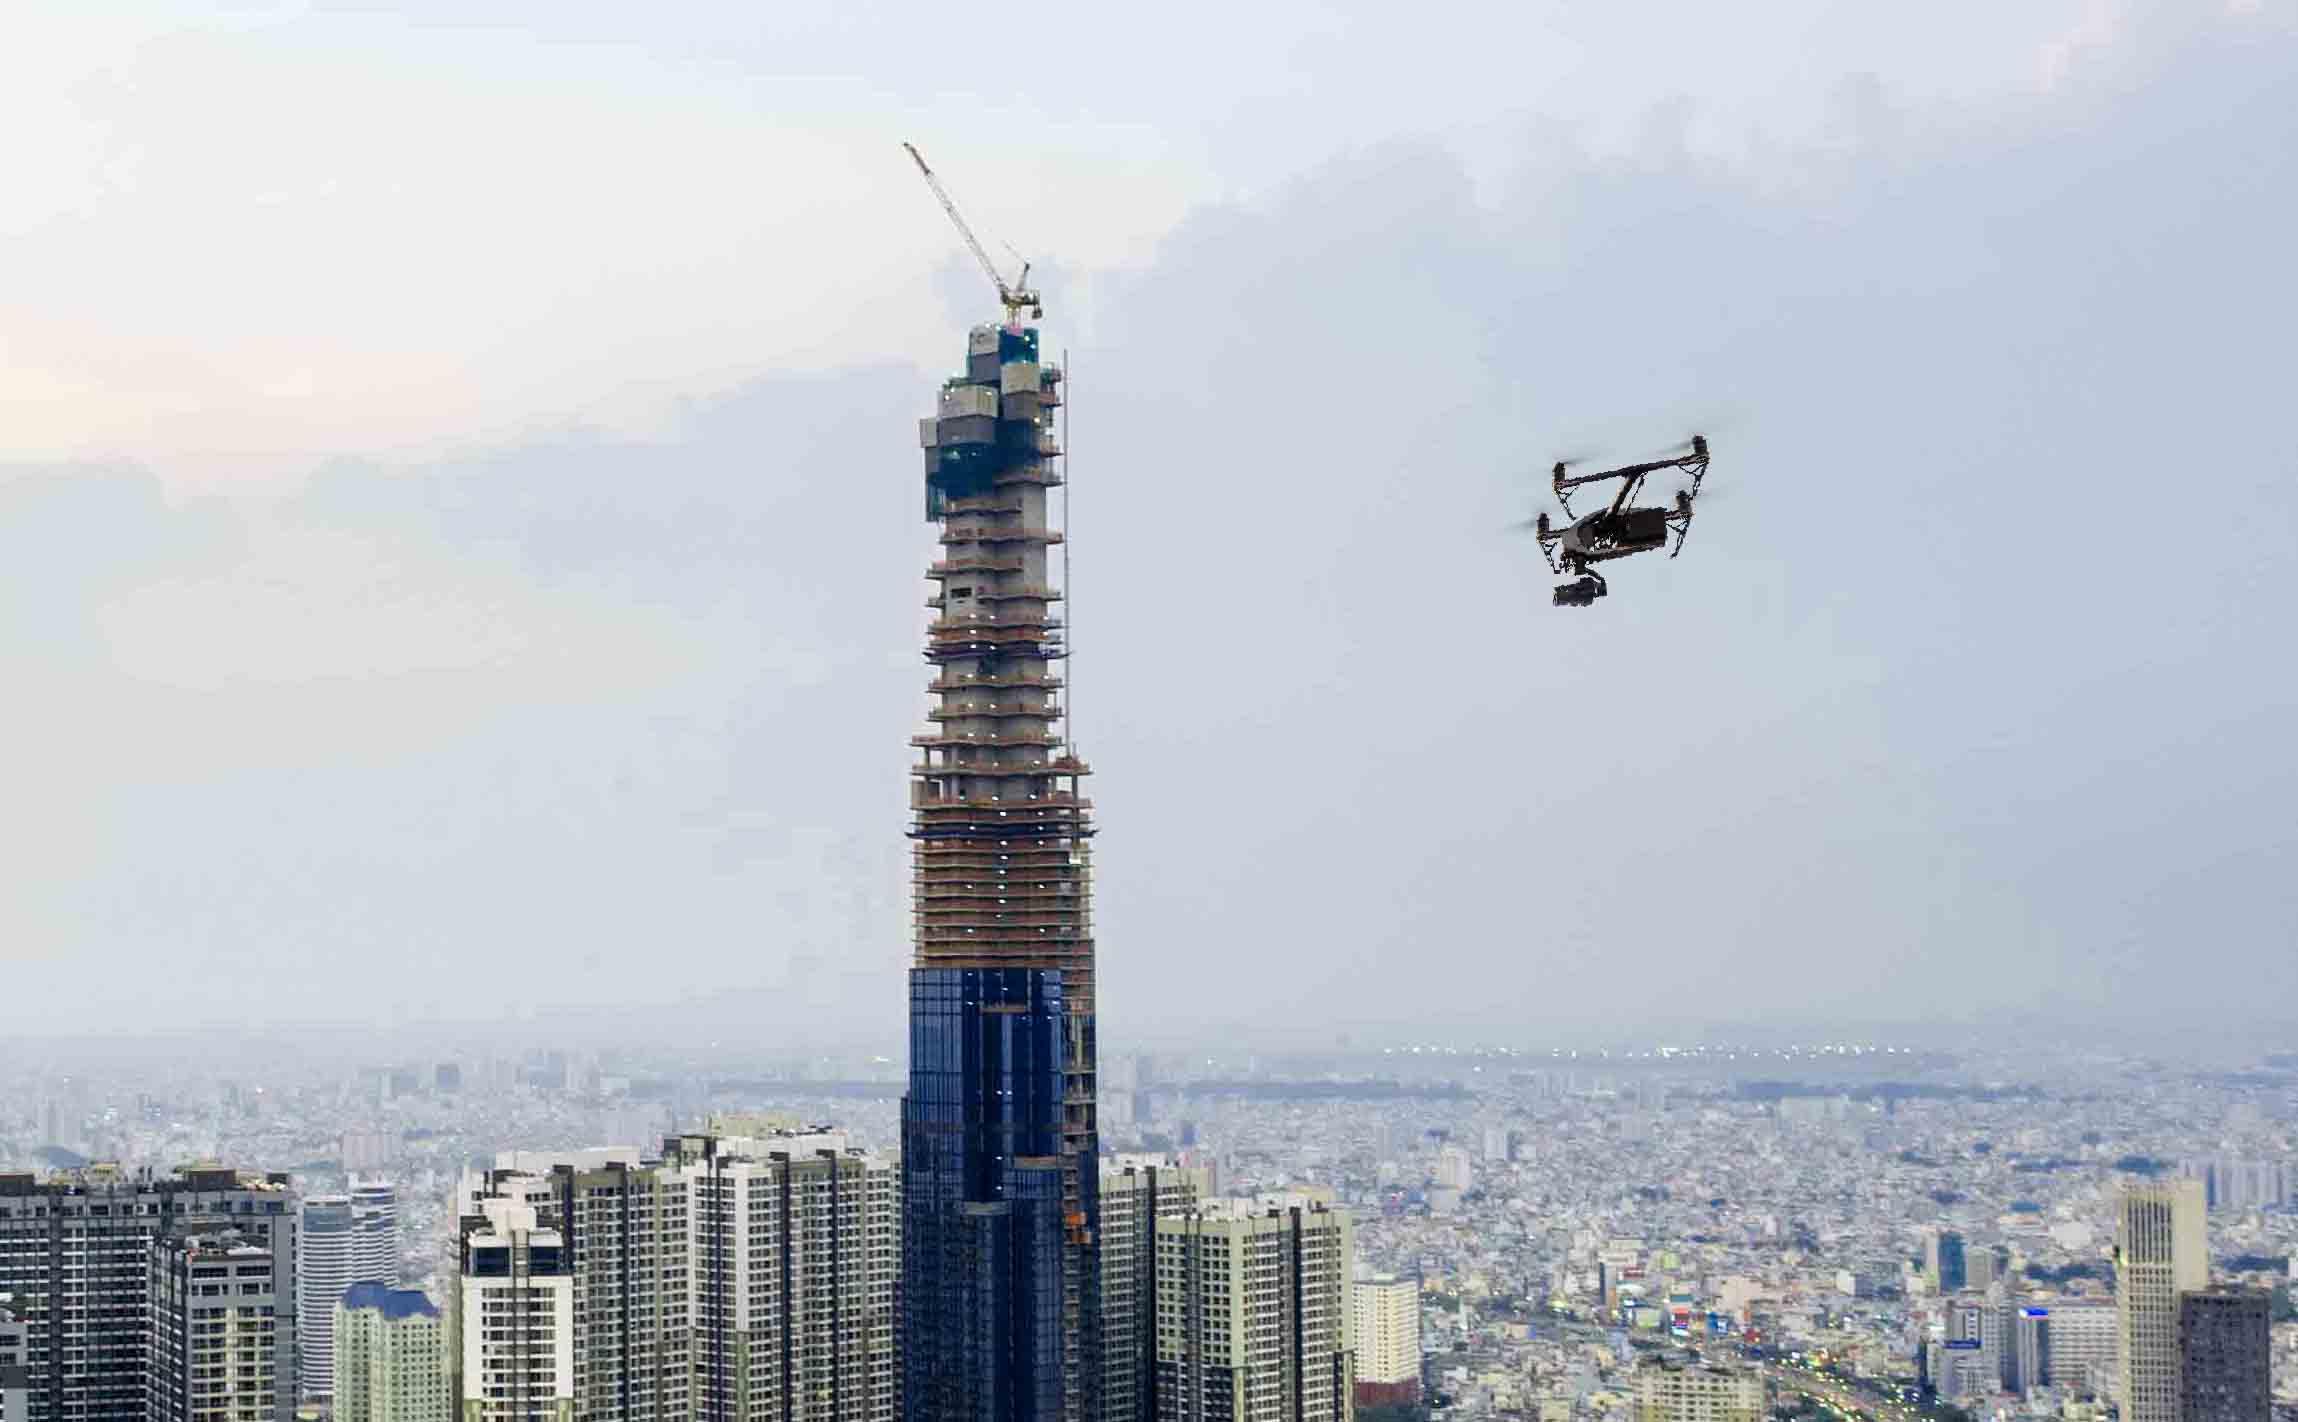 hình ảnh flycam đang tác nghiệp trên đỉnh landmark 81